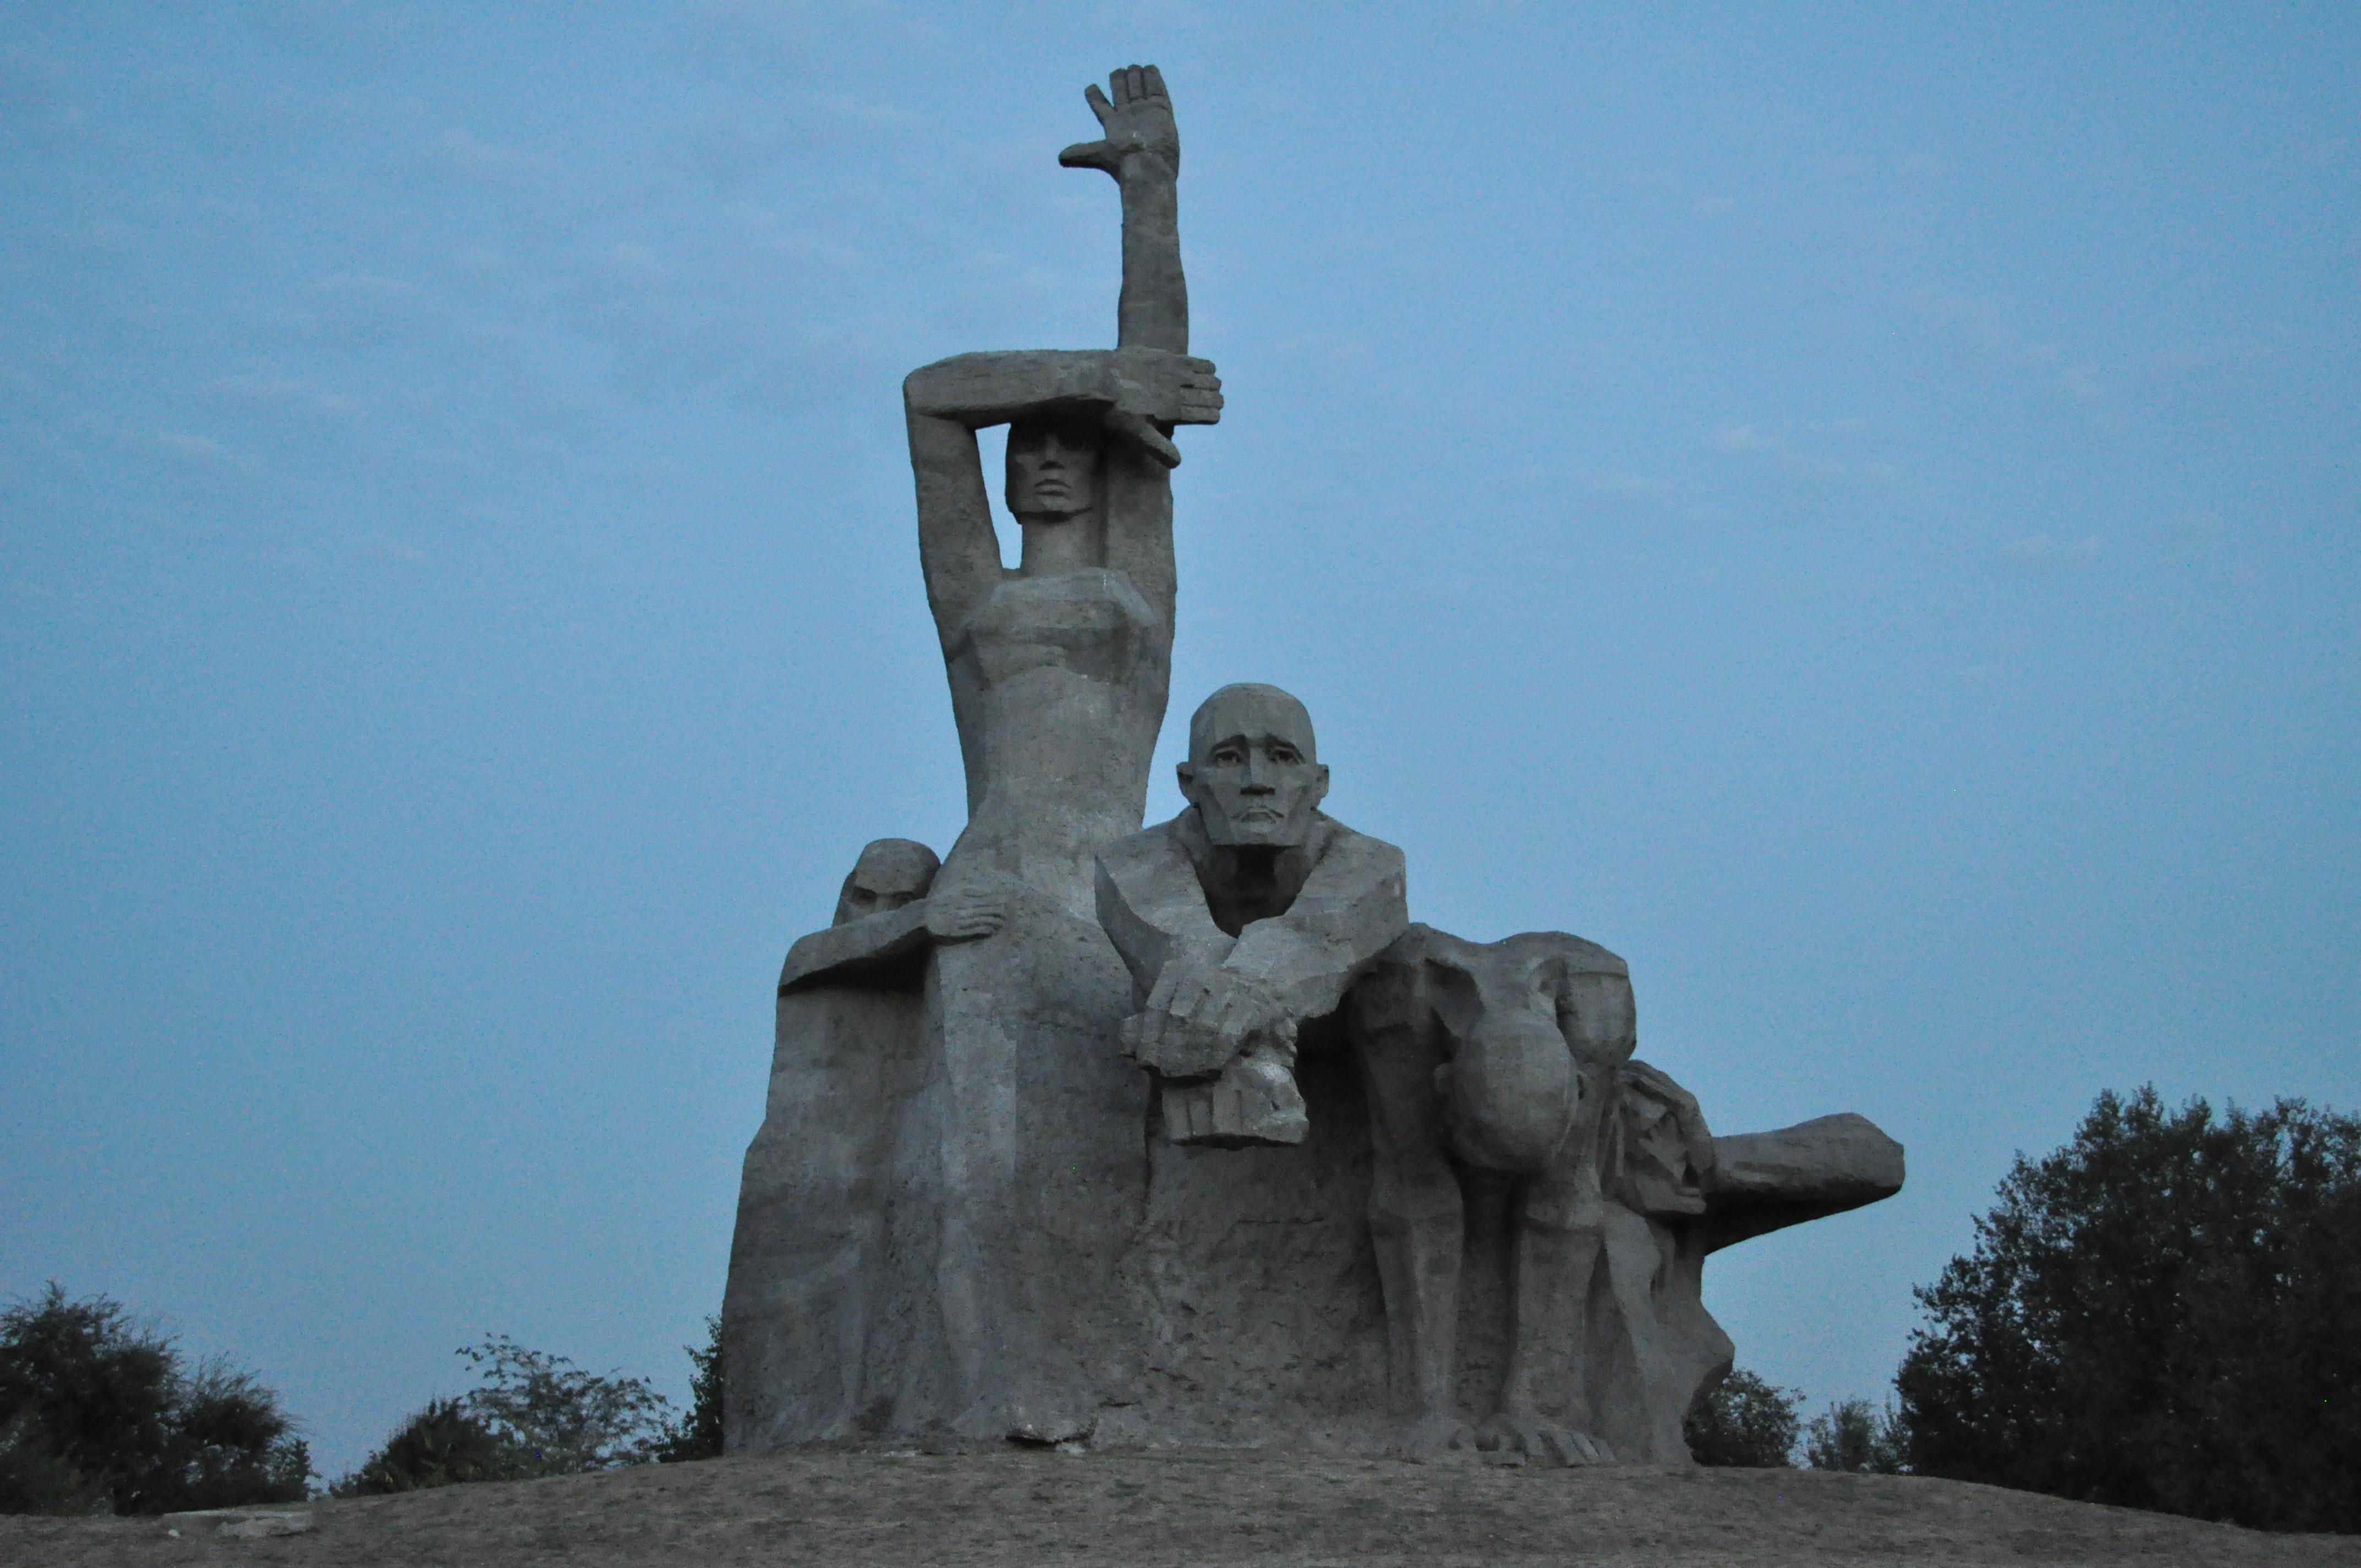 Памятник в Змиевской балке, Ростов-на-Дону. Фото: Пономарева/ru.wikipedia.org/CC BY-SA 3.0